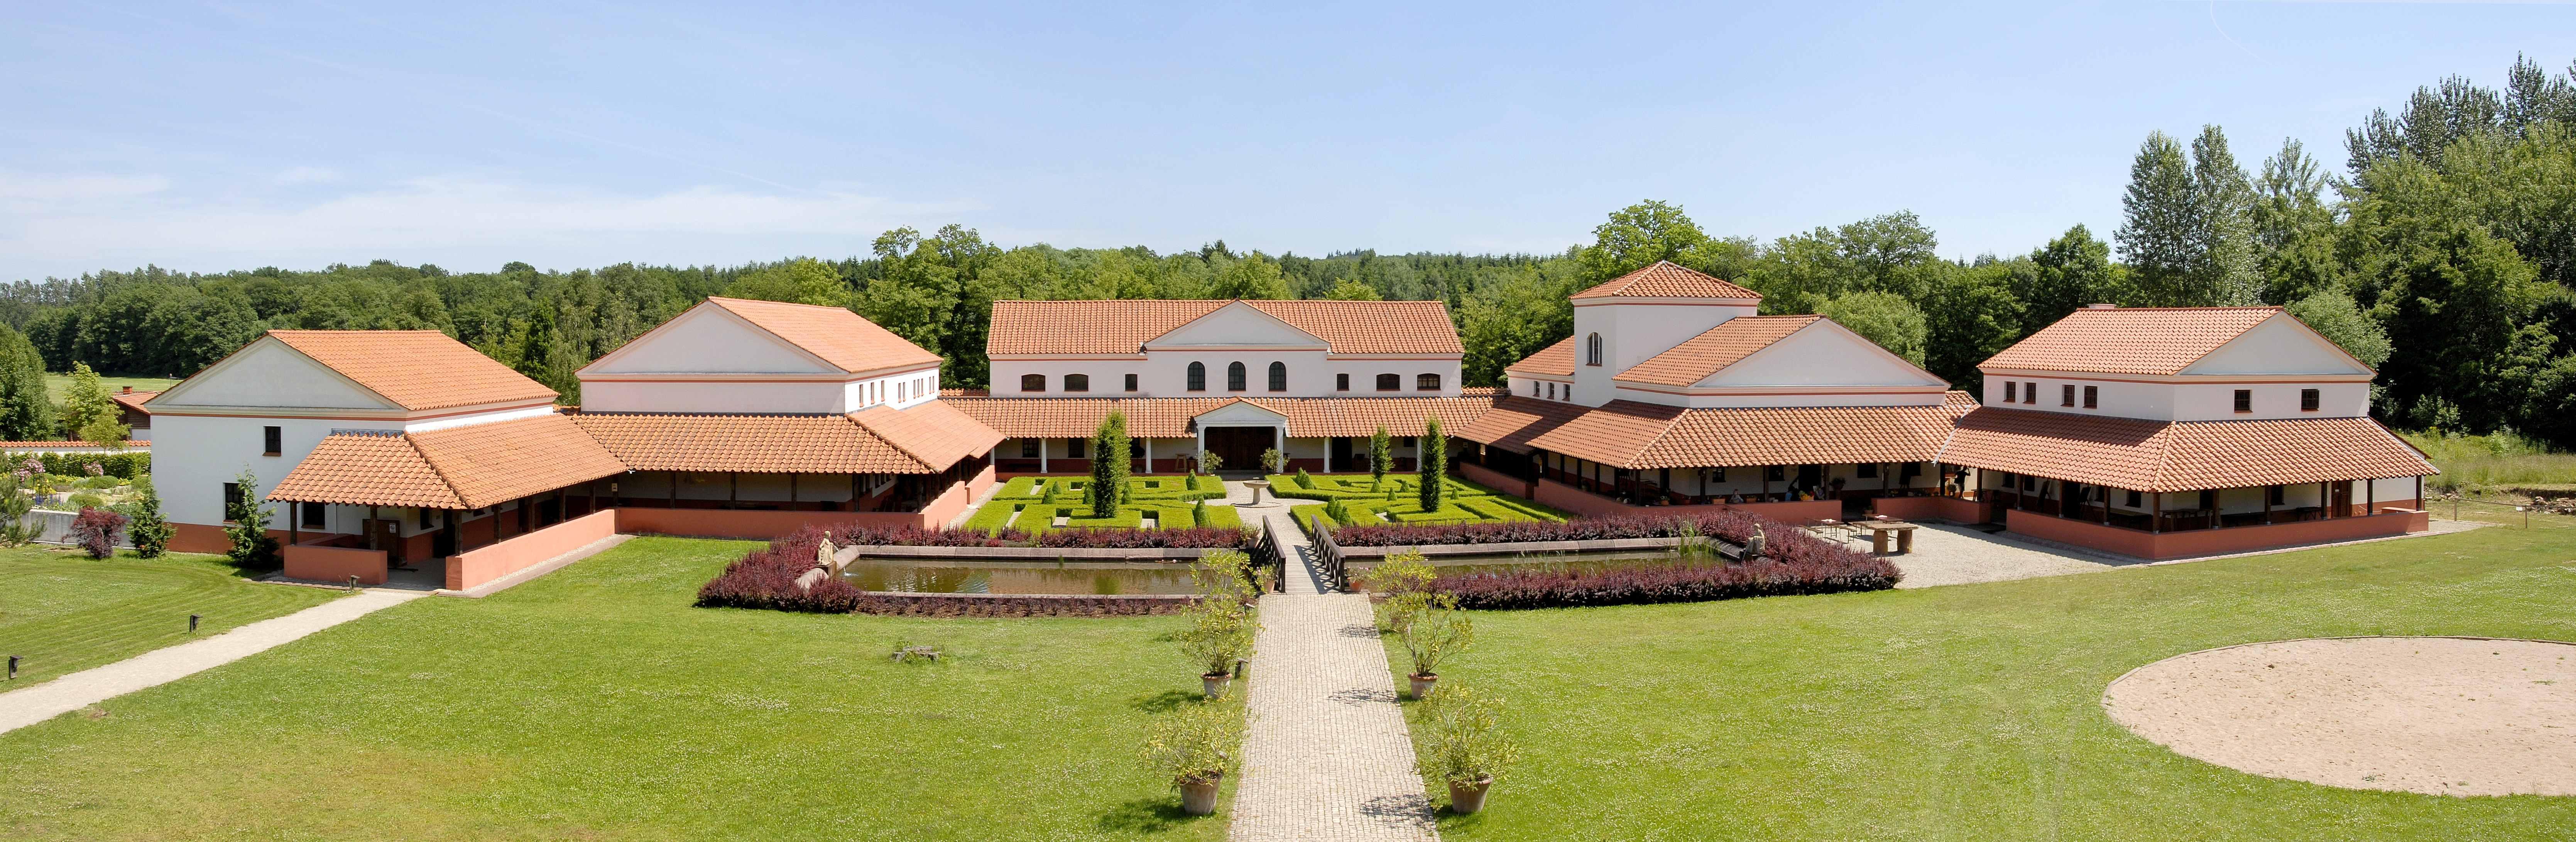 Villa Borg